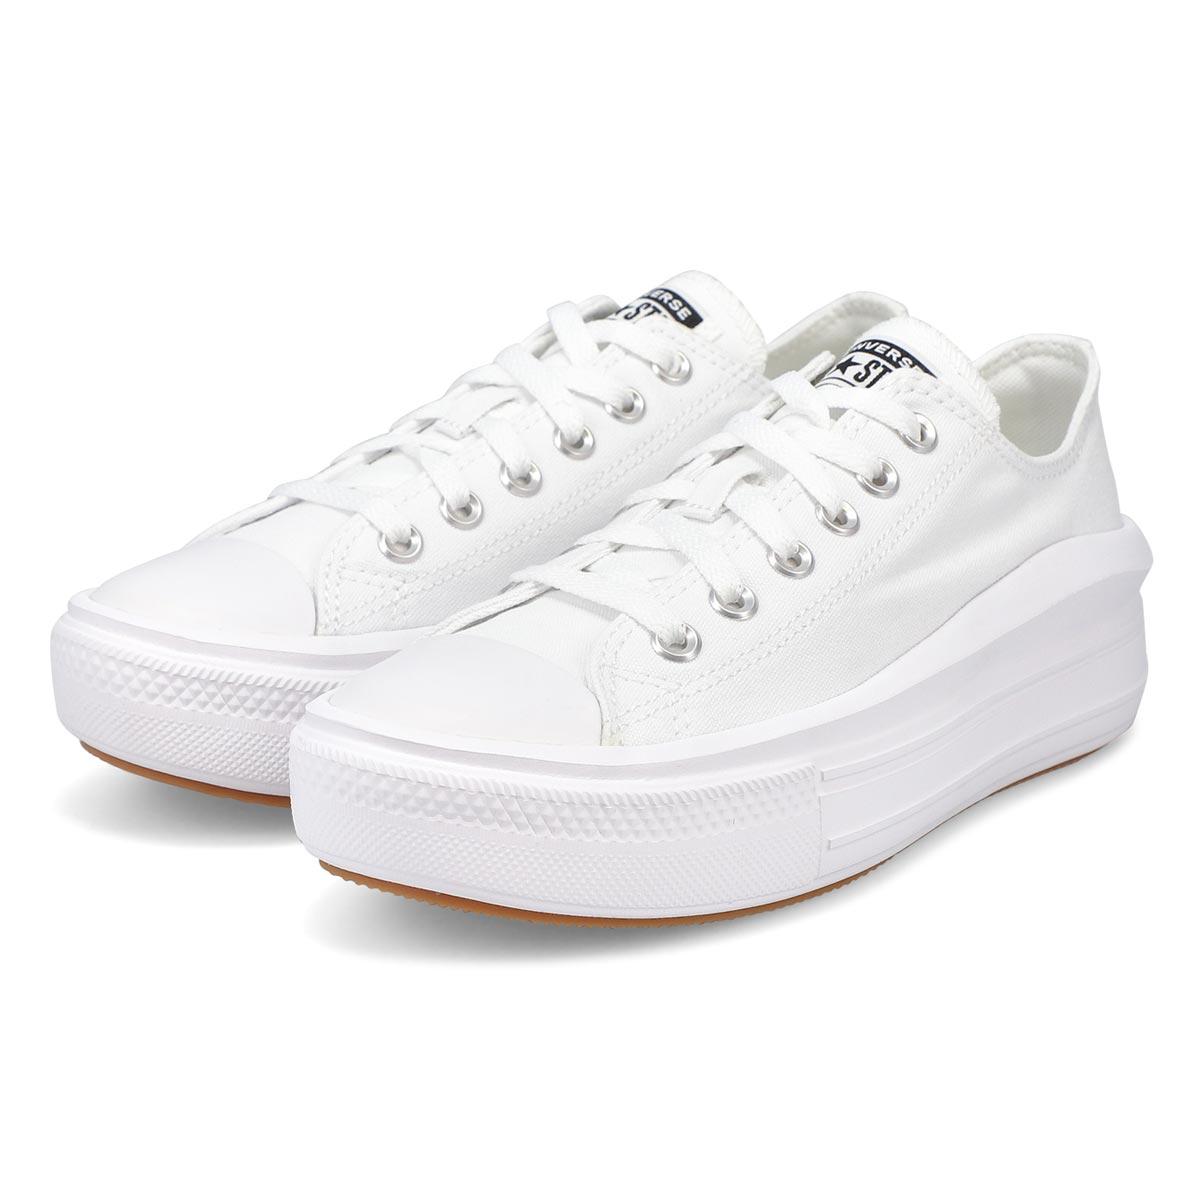 Women's All Star Move Platform Sneaker - White